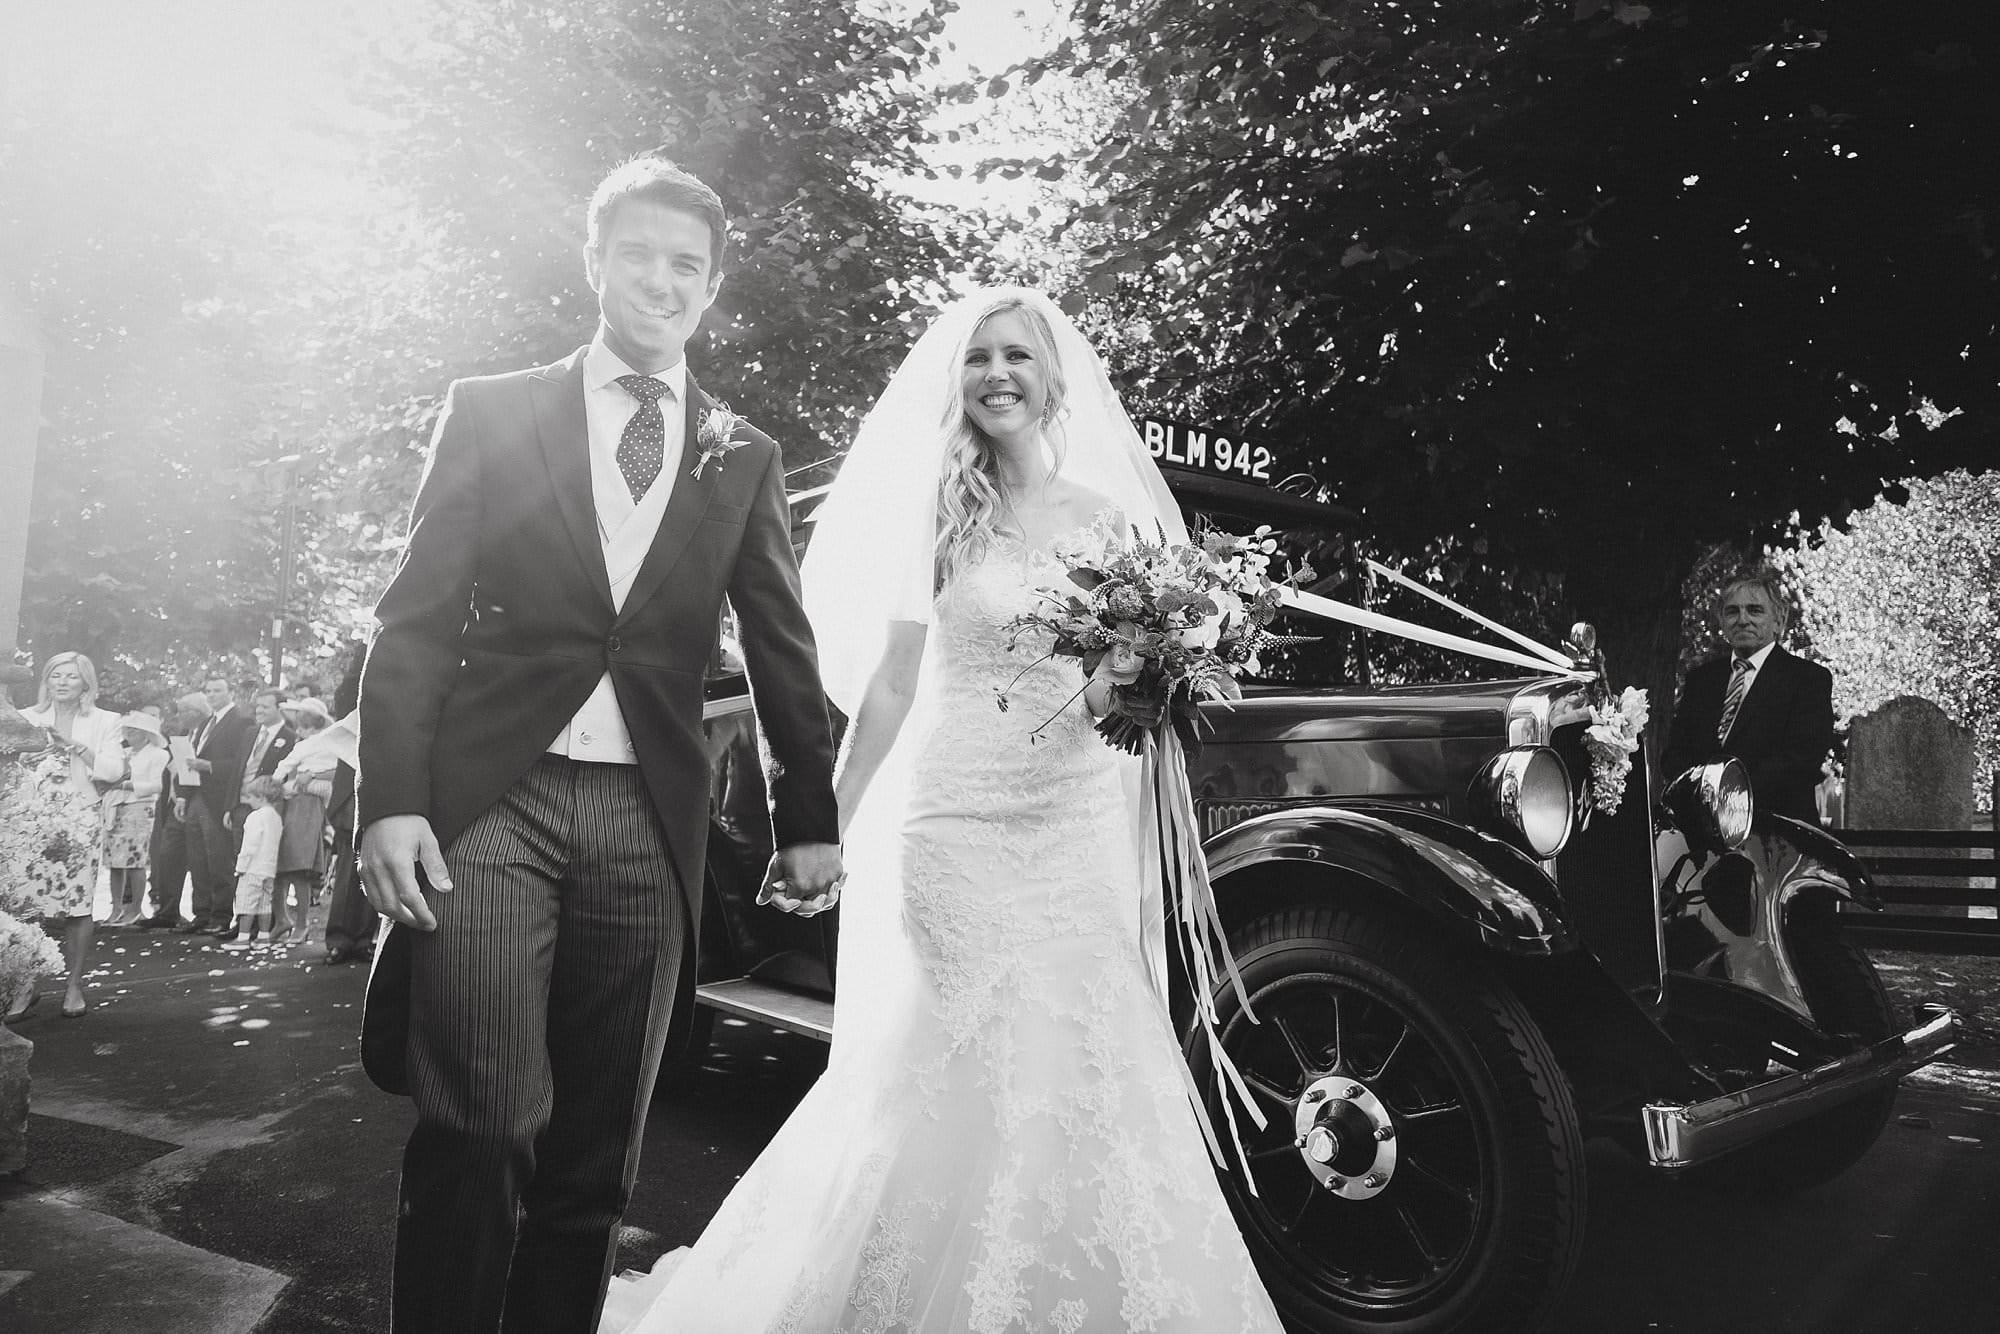 fulham palace wedding photographer 041 - Rosanna + Duncan | Fulham